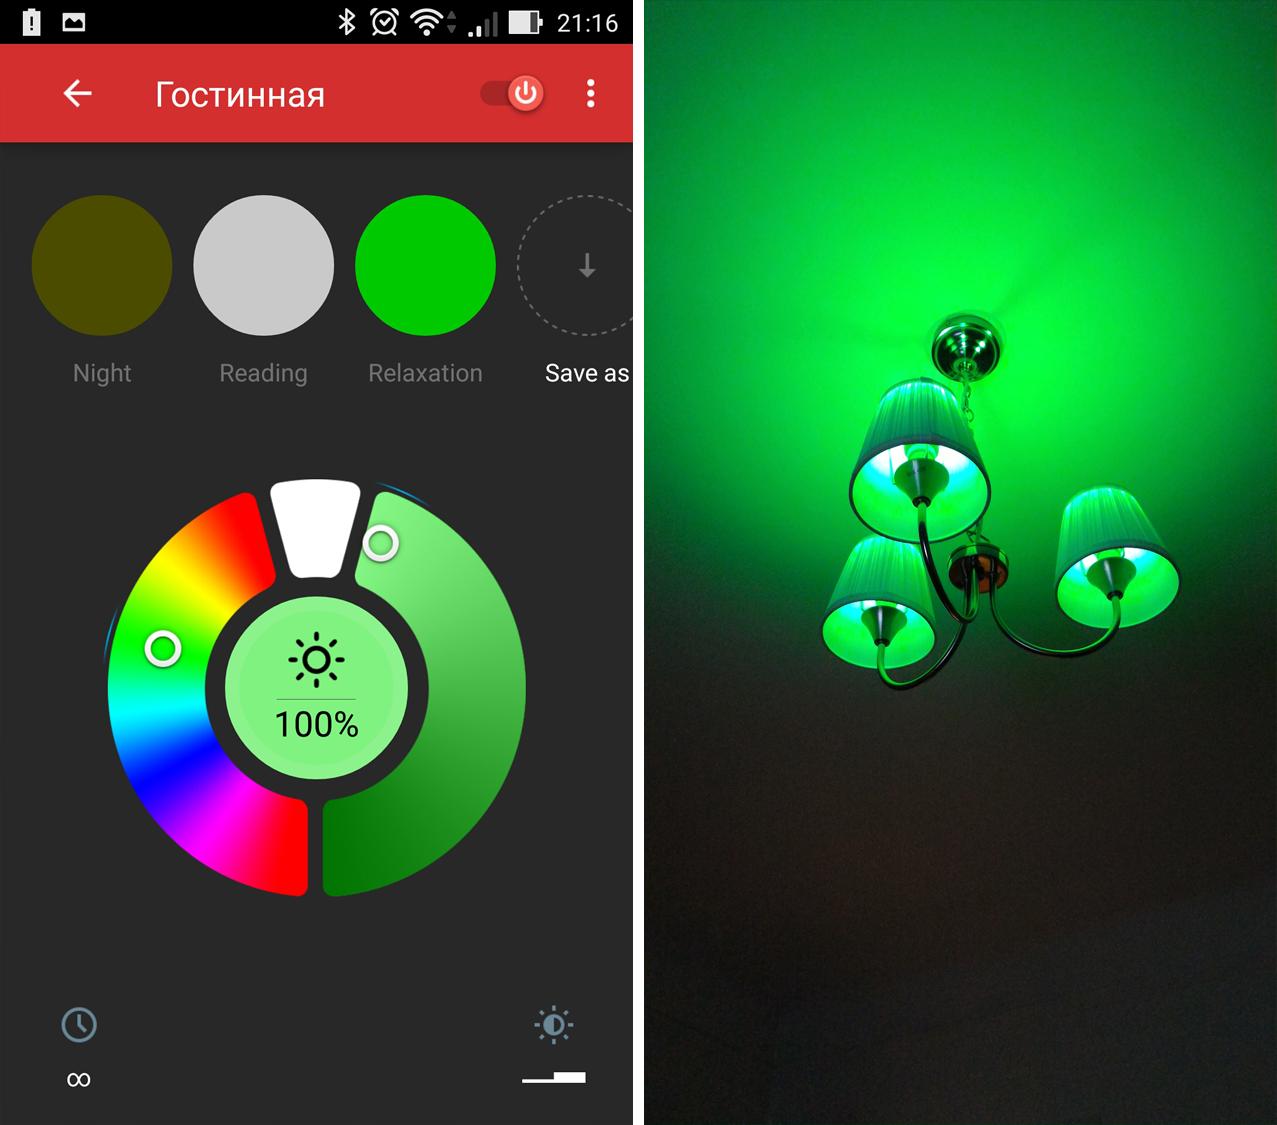 Взгляд изнутри: умные лампы SmartLight - 3